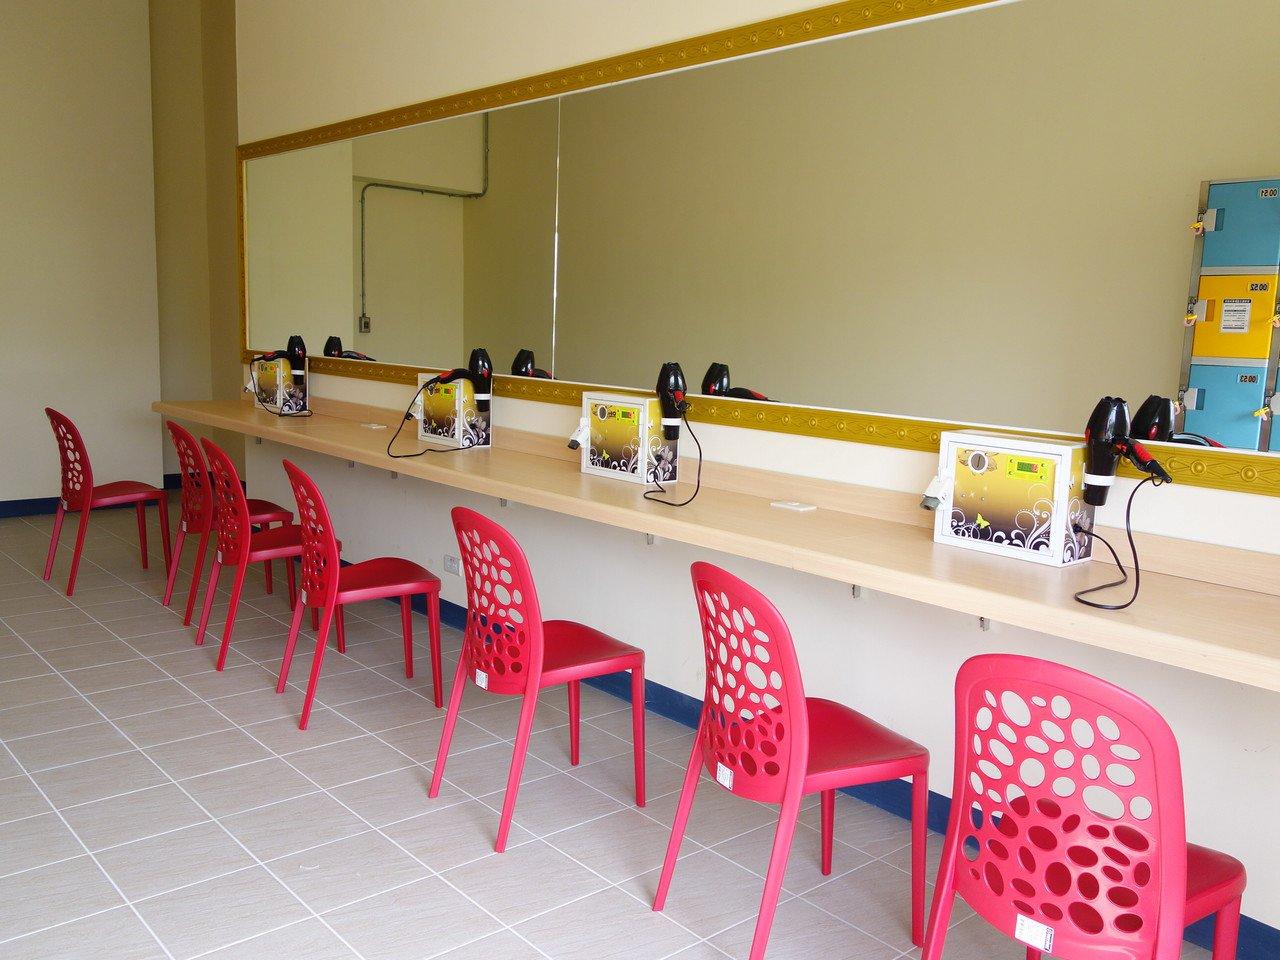 附設置物櫃、淋浴間、哺乳室等設備完善。記者郭政芬/攝影